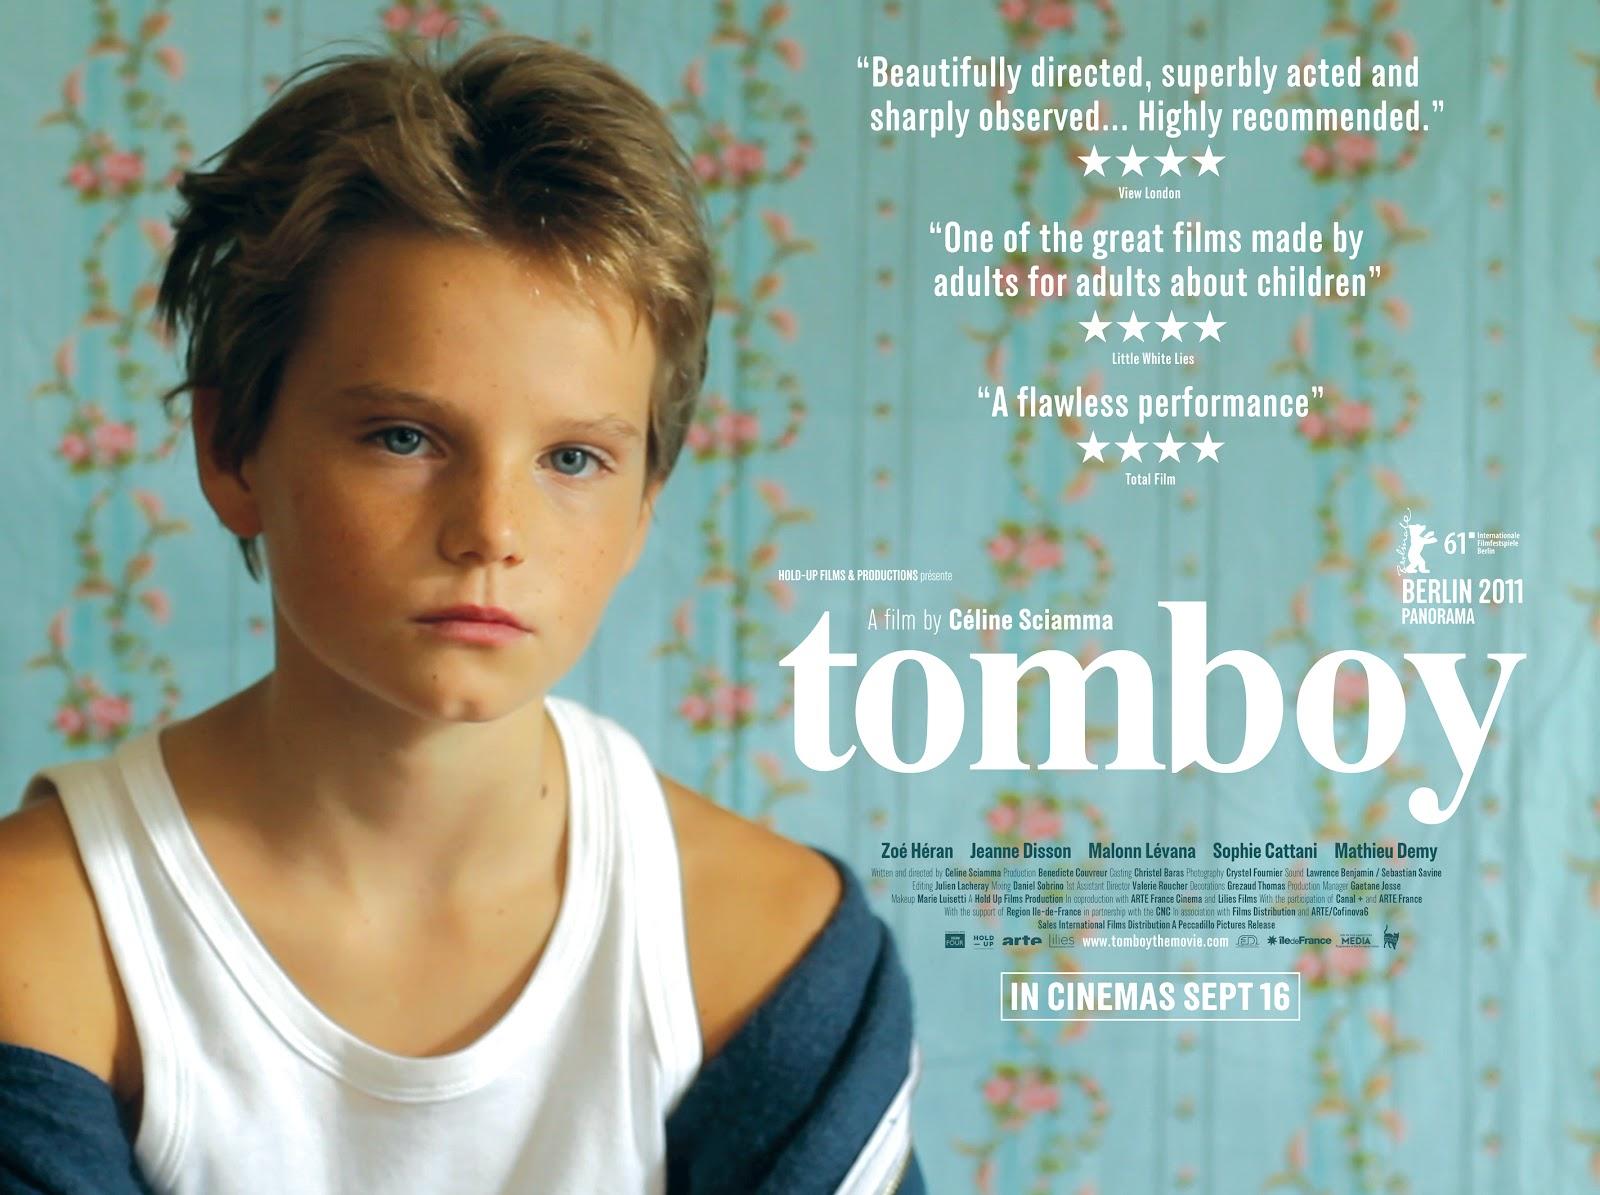 tomboy-